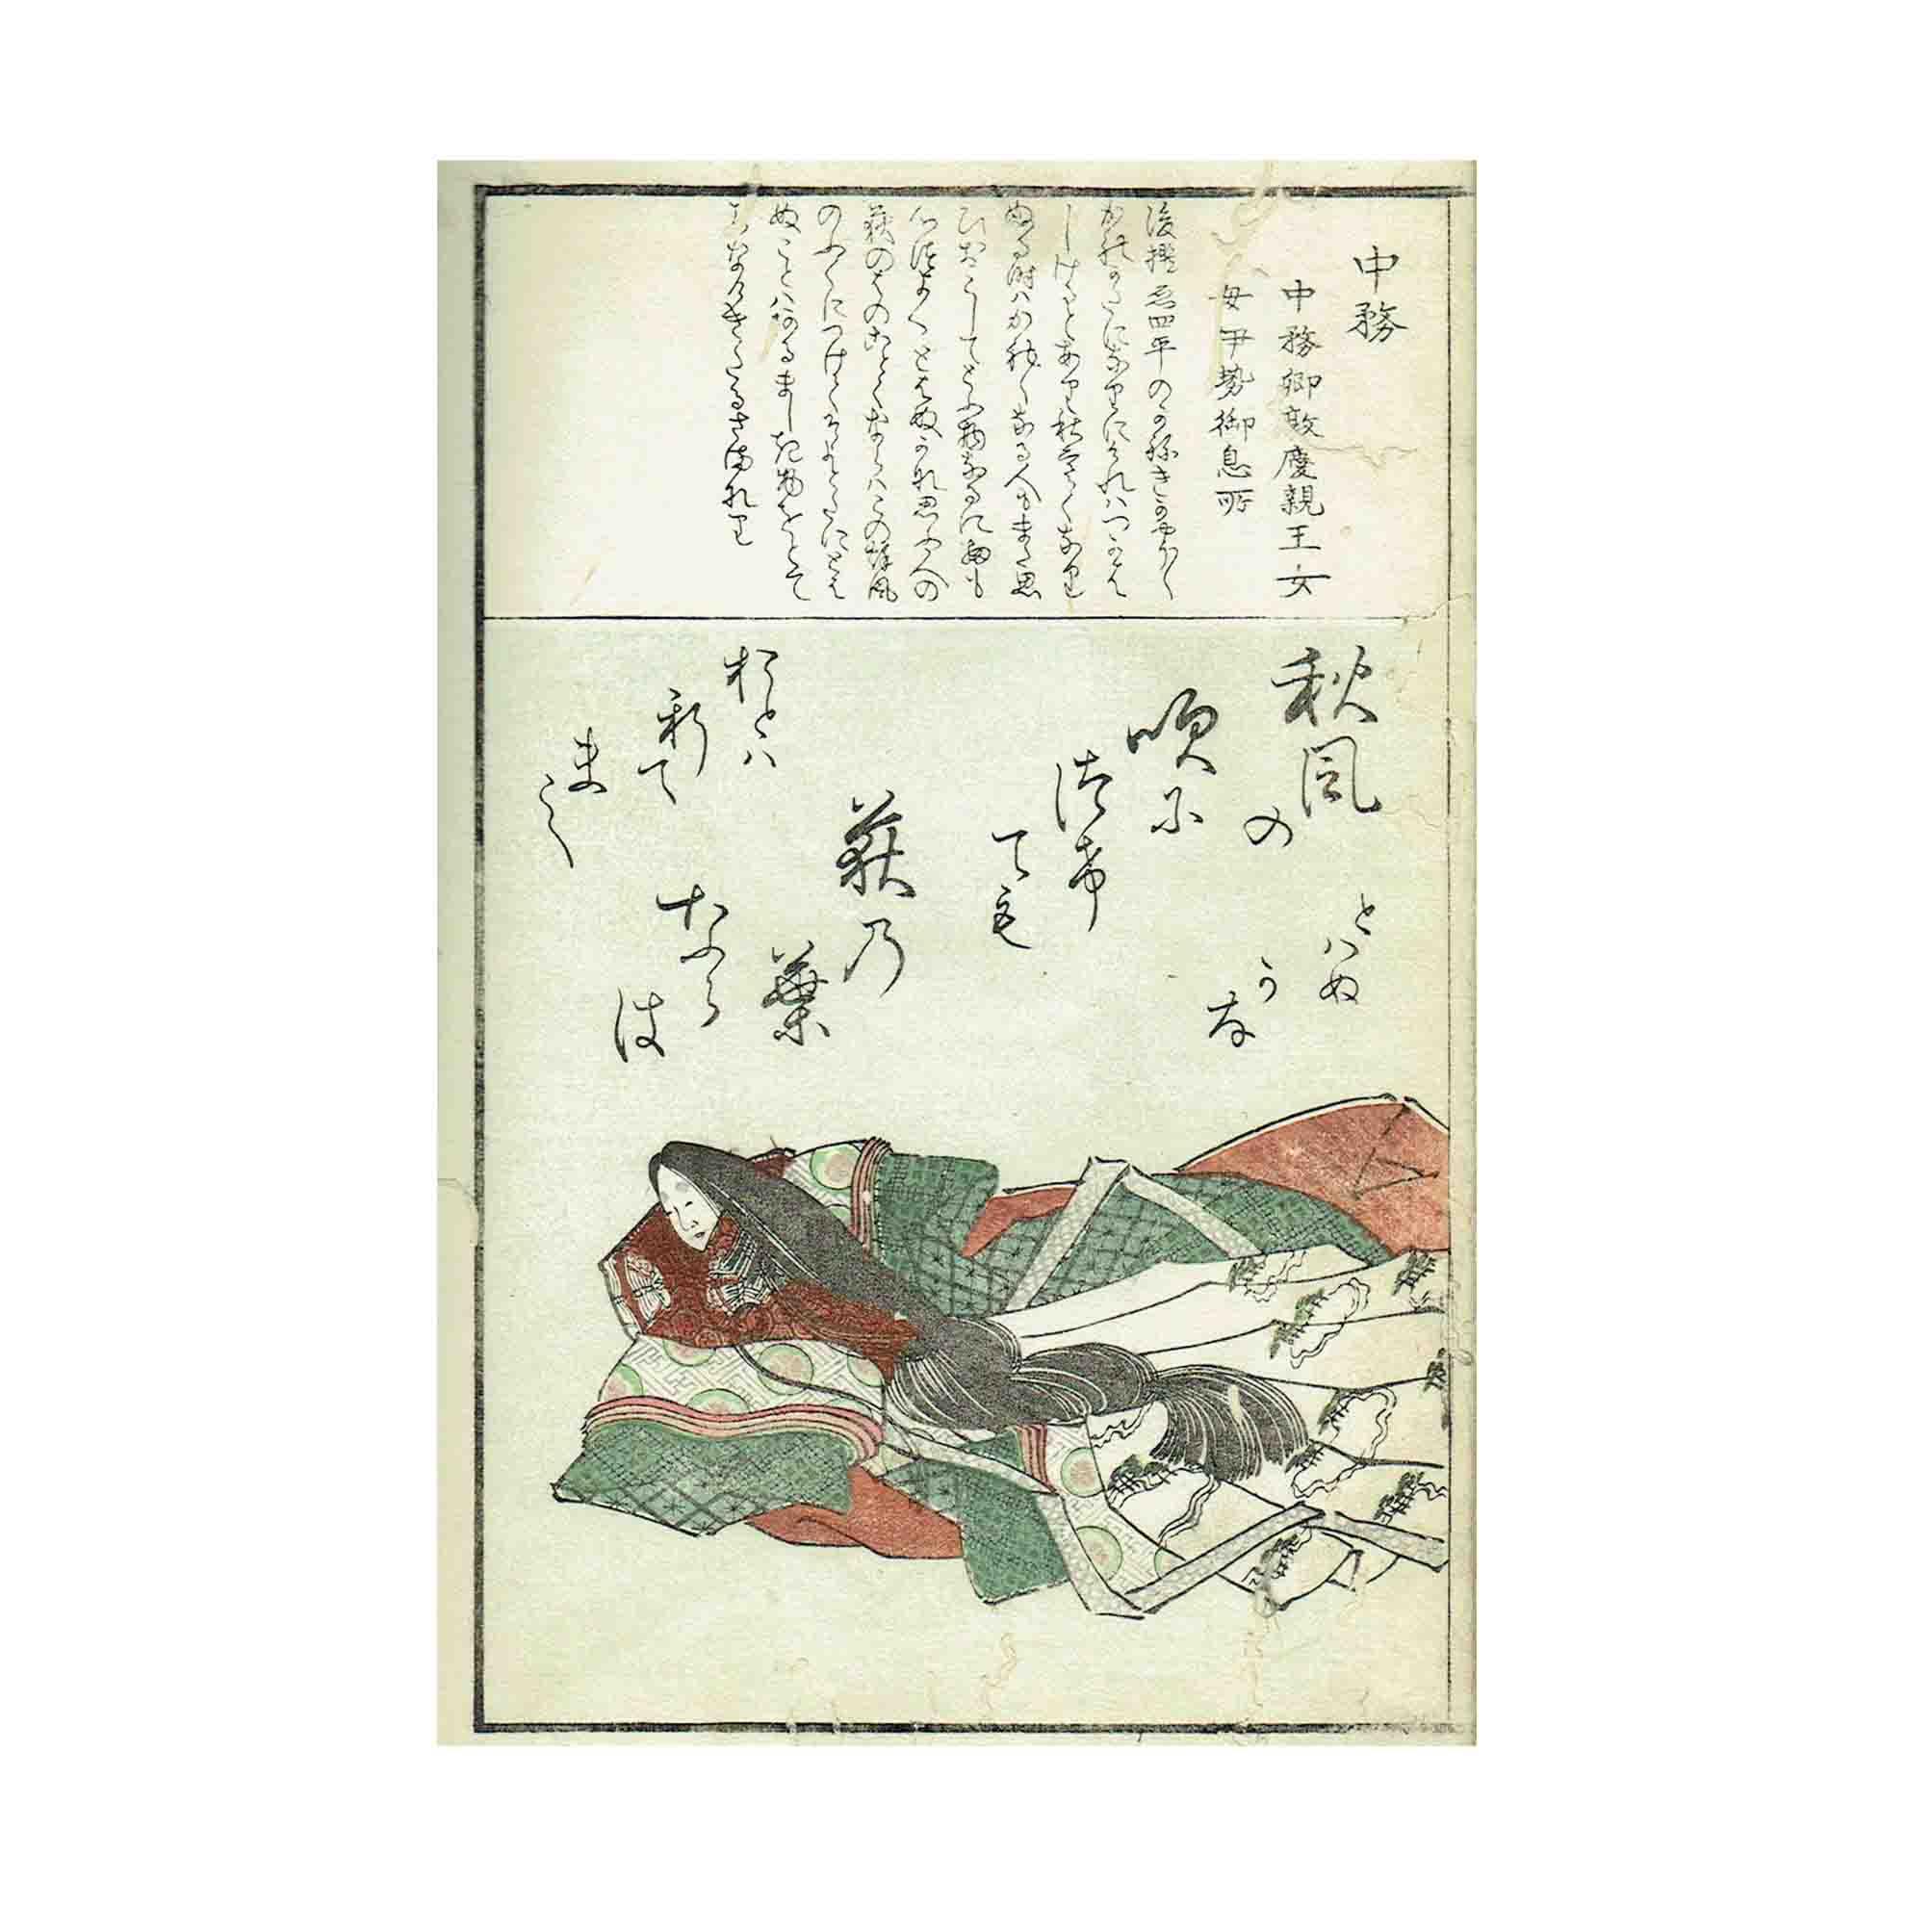 5413-Ehon-Kasen-Kahso-36-poets-1810-Illustr-2-N.jpeg